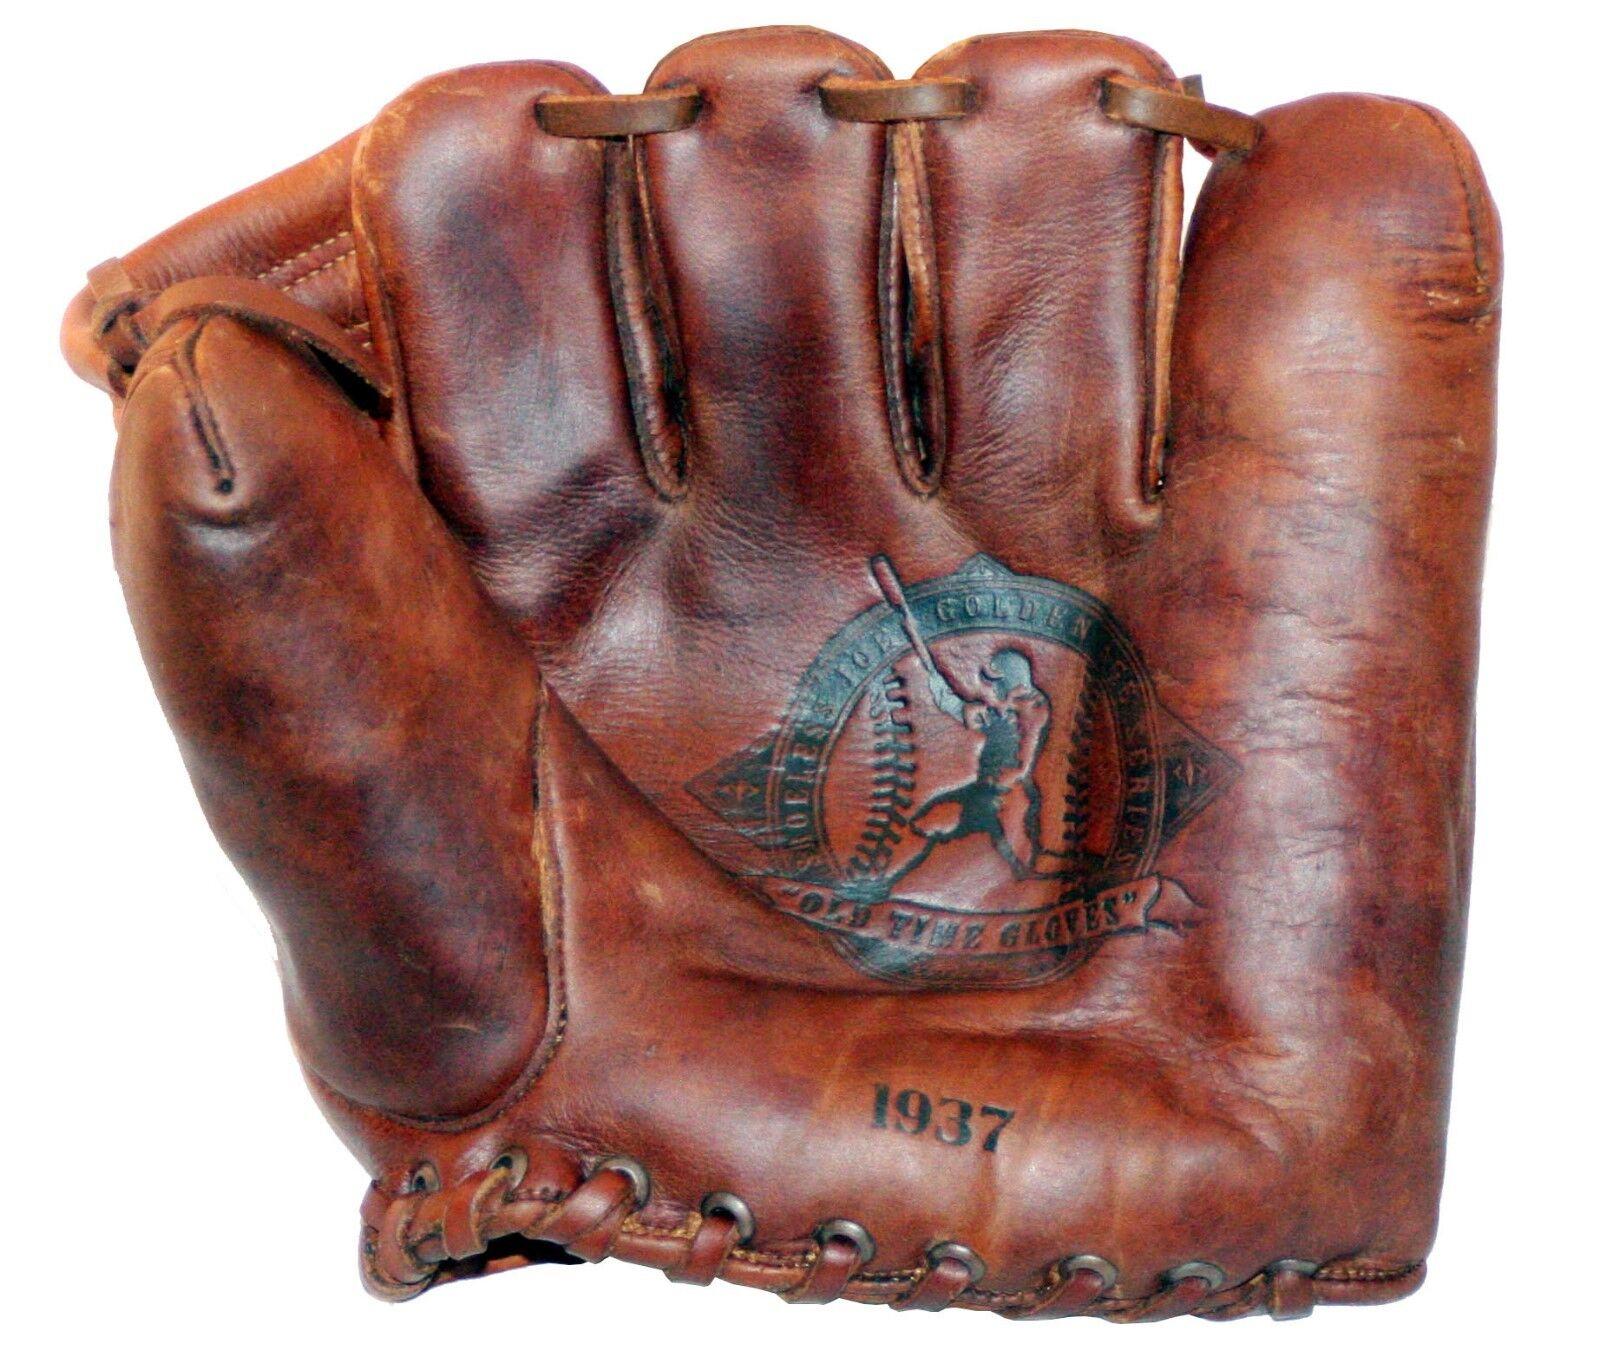 1937 zapatosless Joe época dorada Guante de béisbol